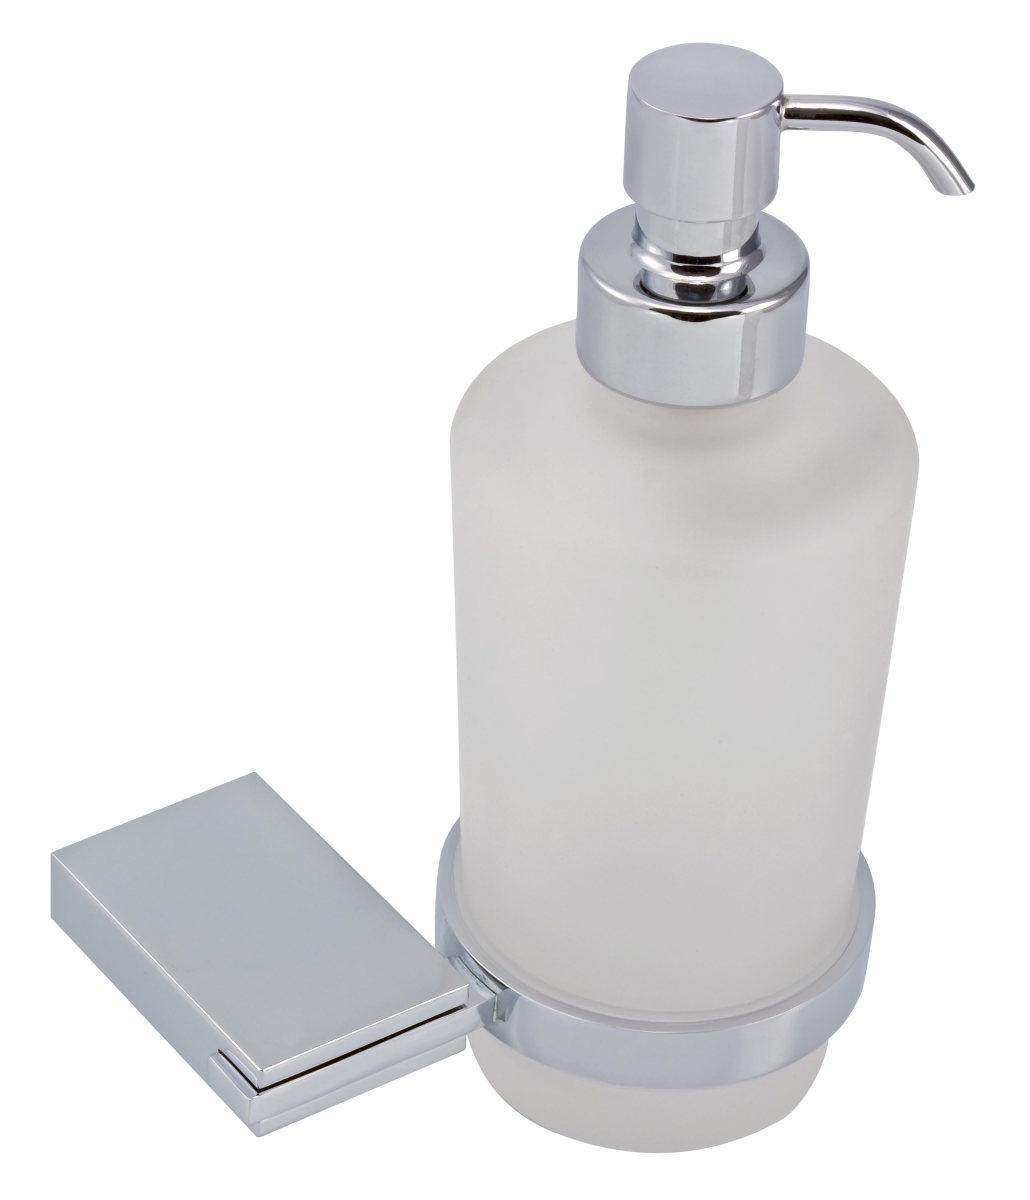 Nowoczesne i eleganckie dozowniki na mydło